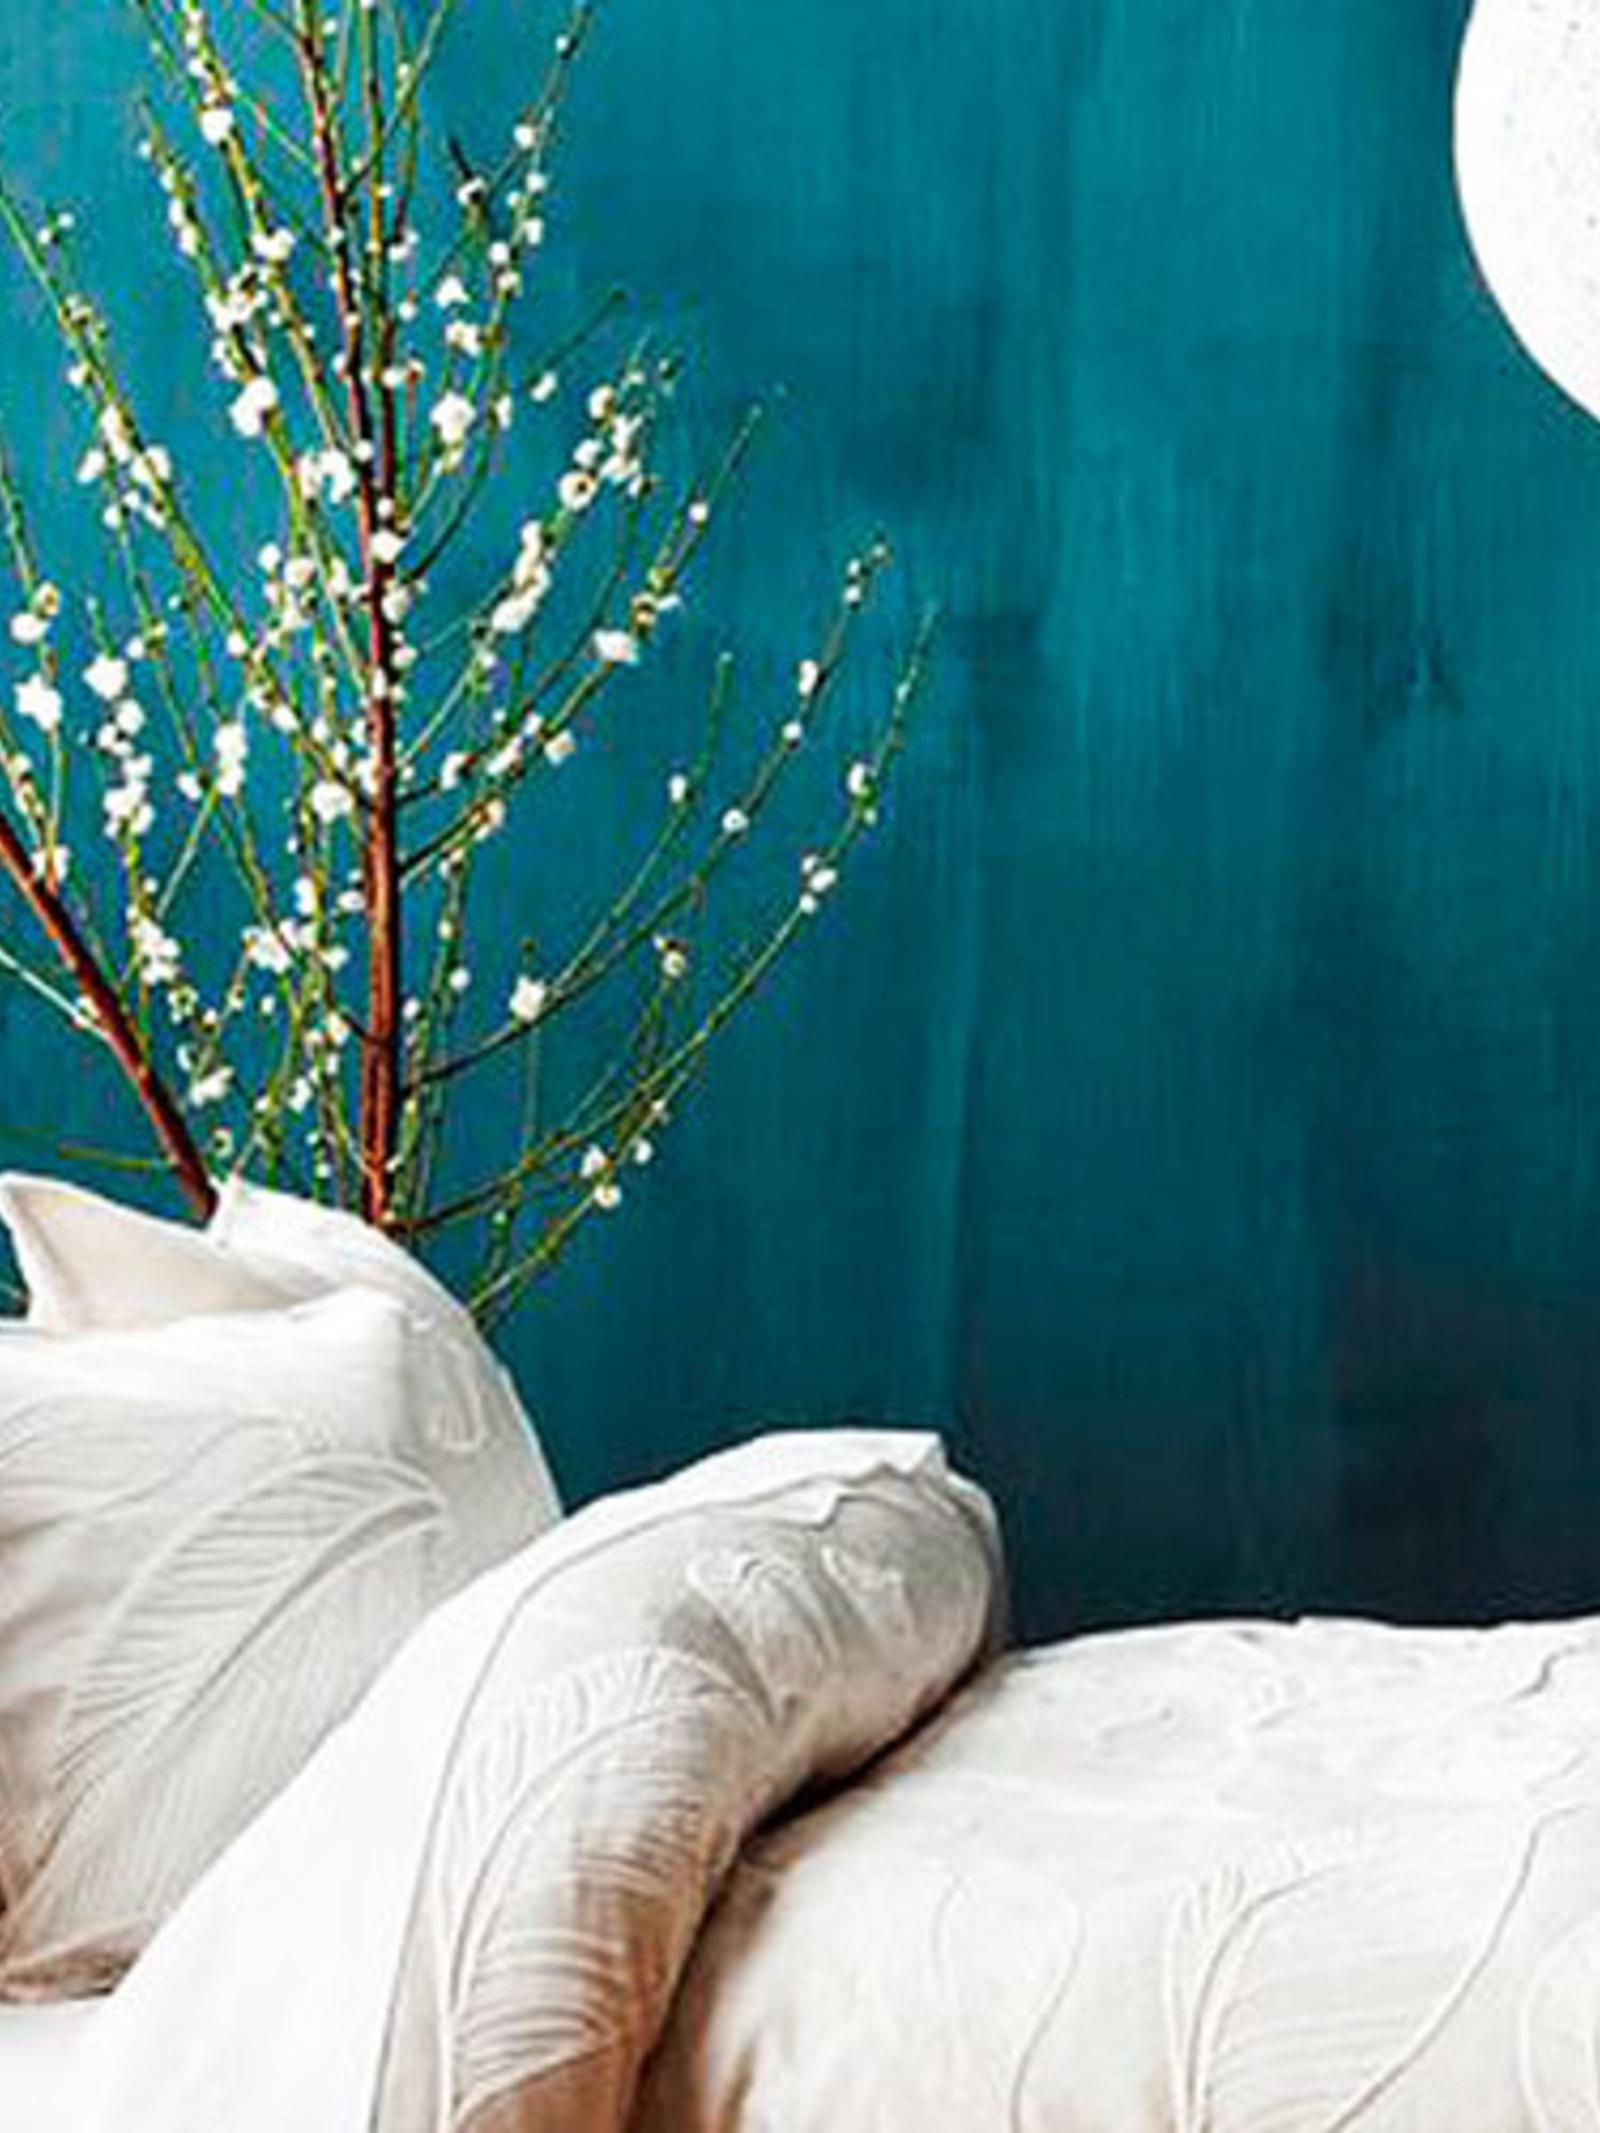 Waarom je je slaapkamer juist niet wit zou moeten schilderen